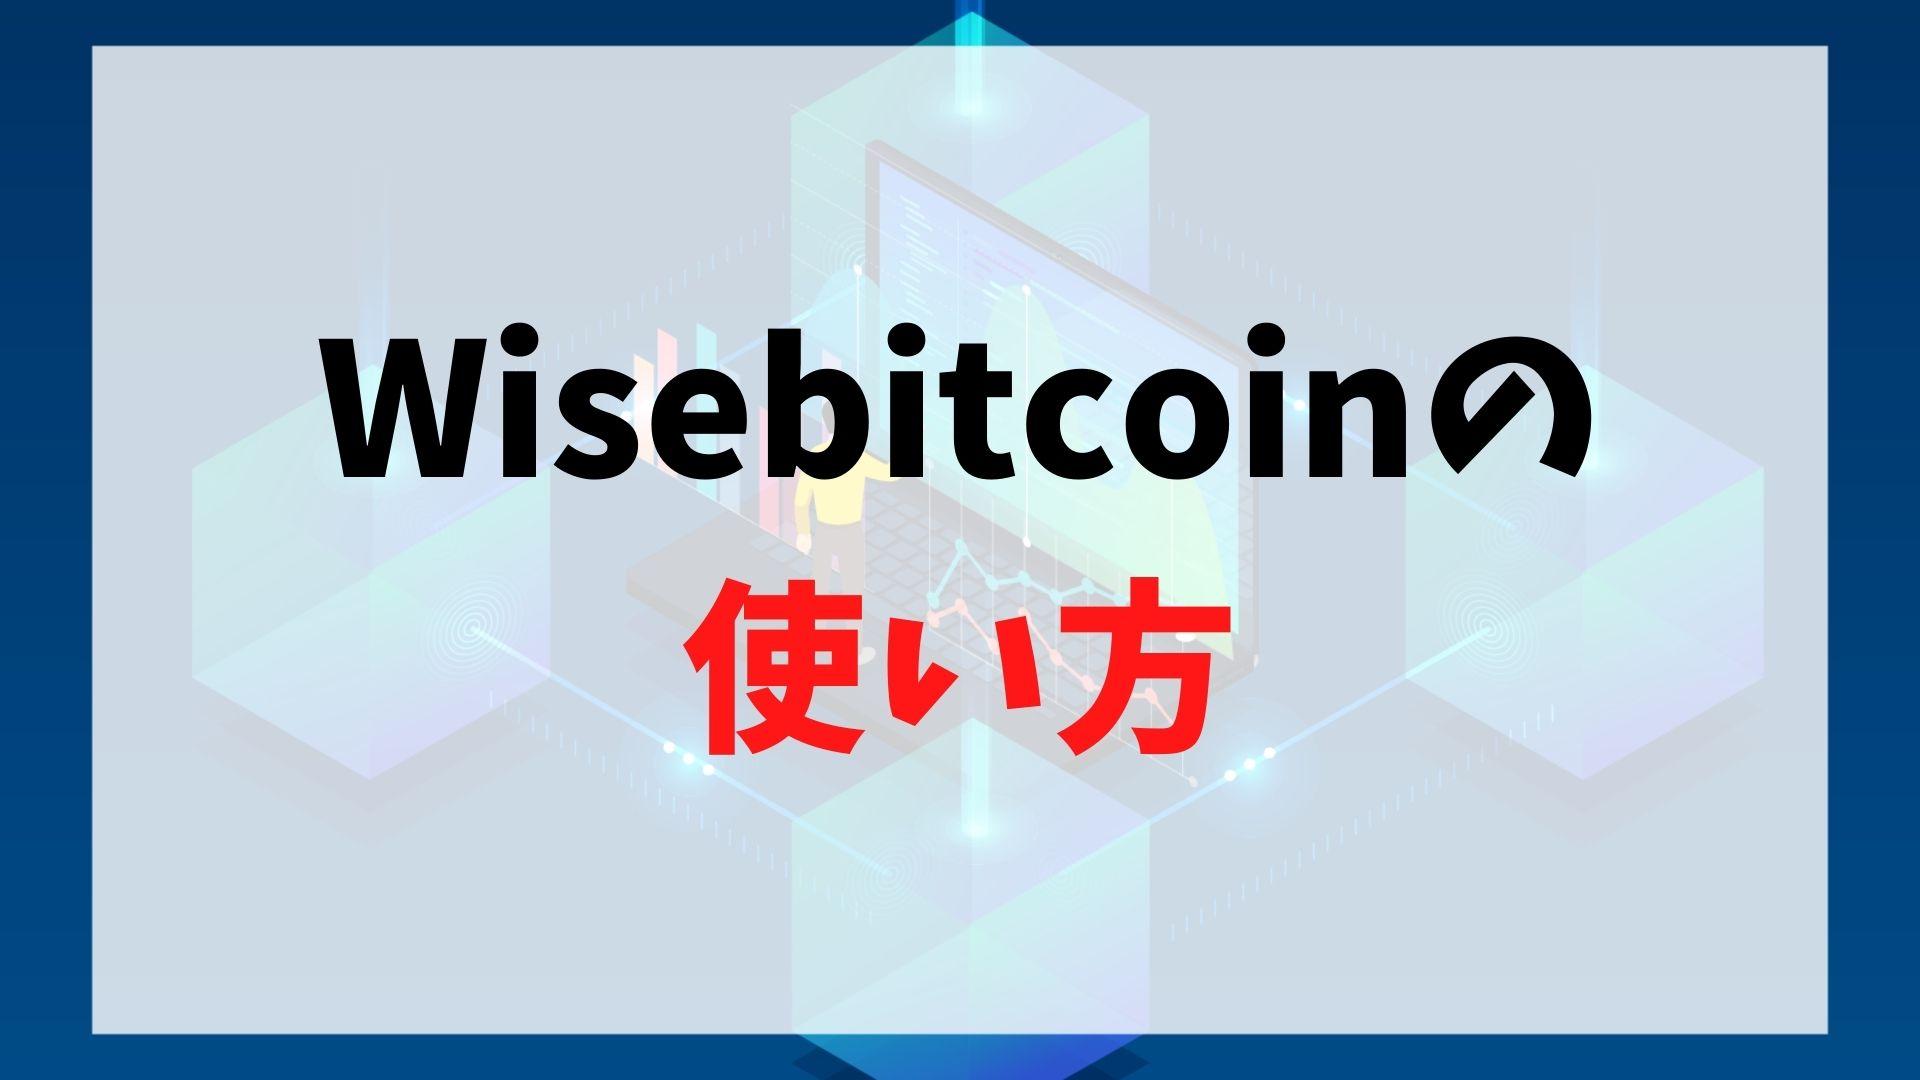 wisebitcoinの使い方